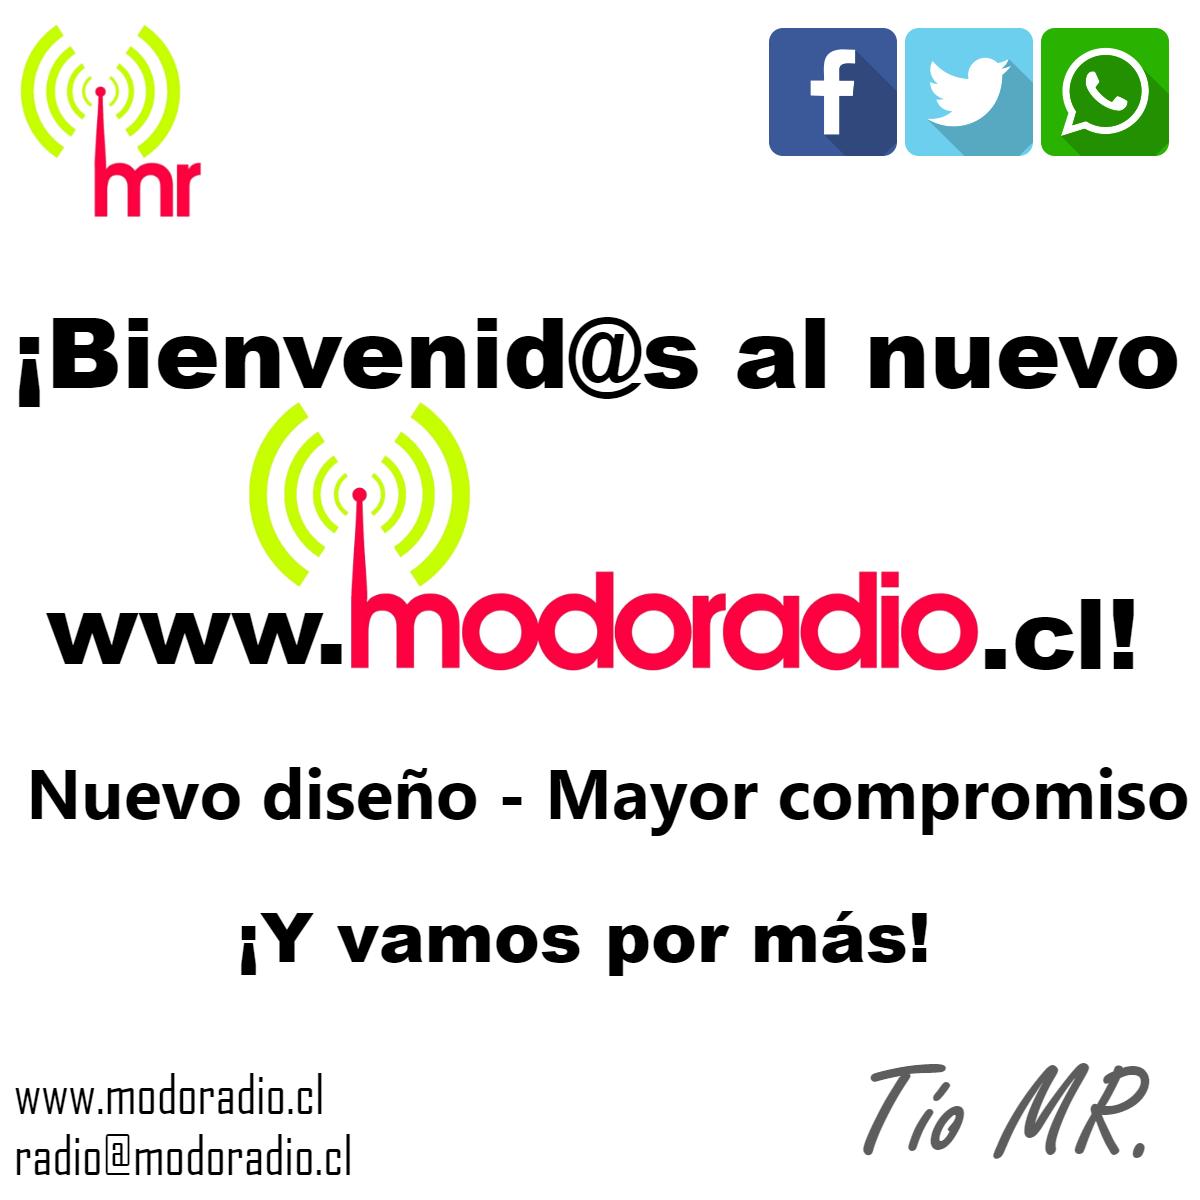 ¡Sorpresa! Bienvenidos al nuevo www.modoradio.cl :D